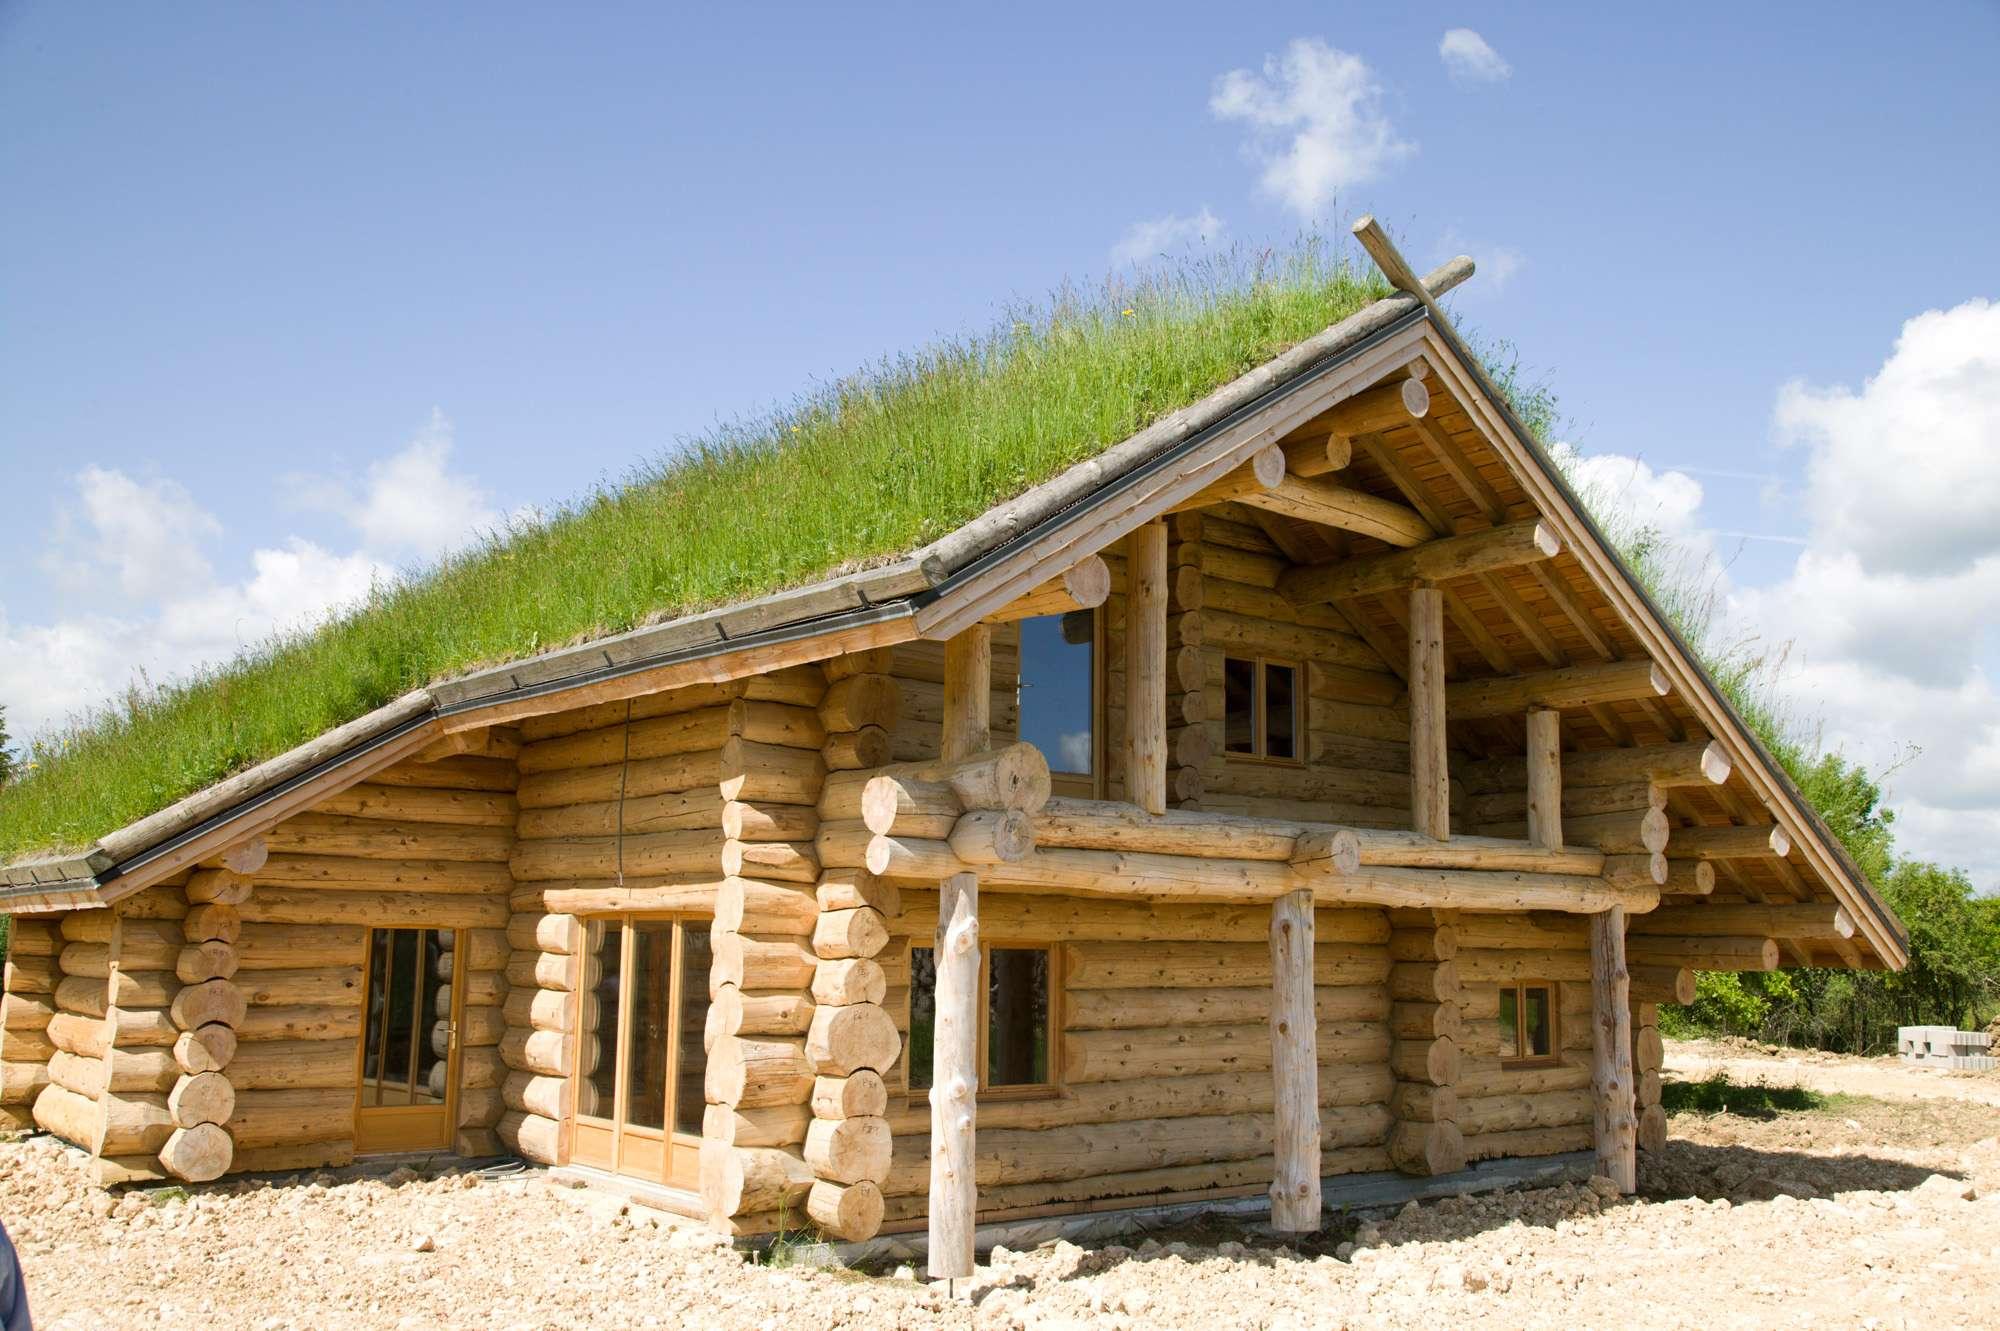 Construire une maison en bois les avantages plan de maison for Maison en bois image